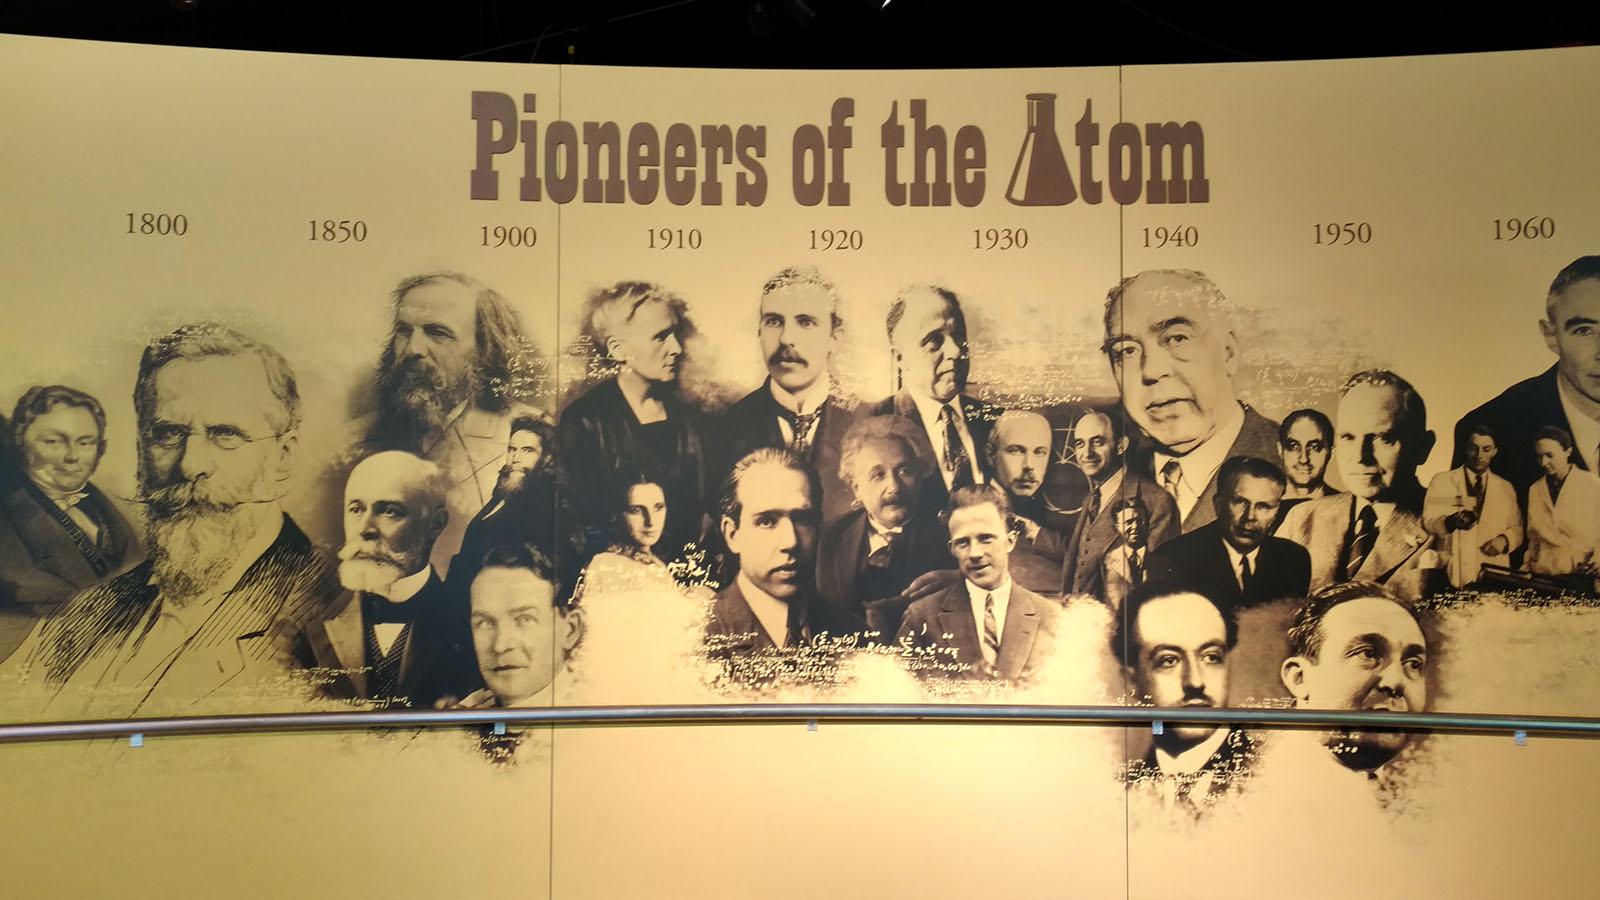 Pioneers of the Atom mural